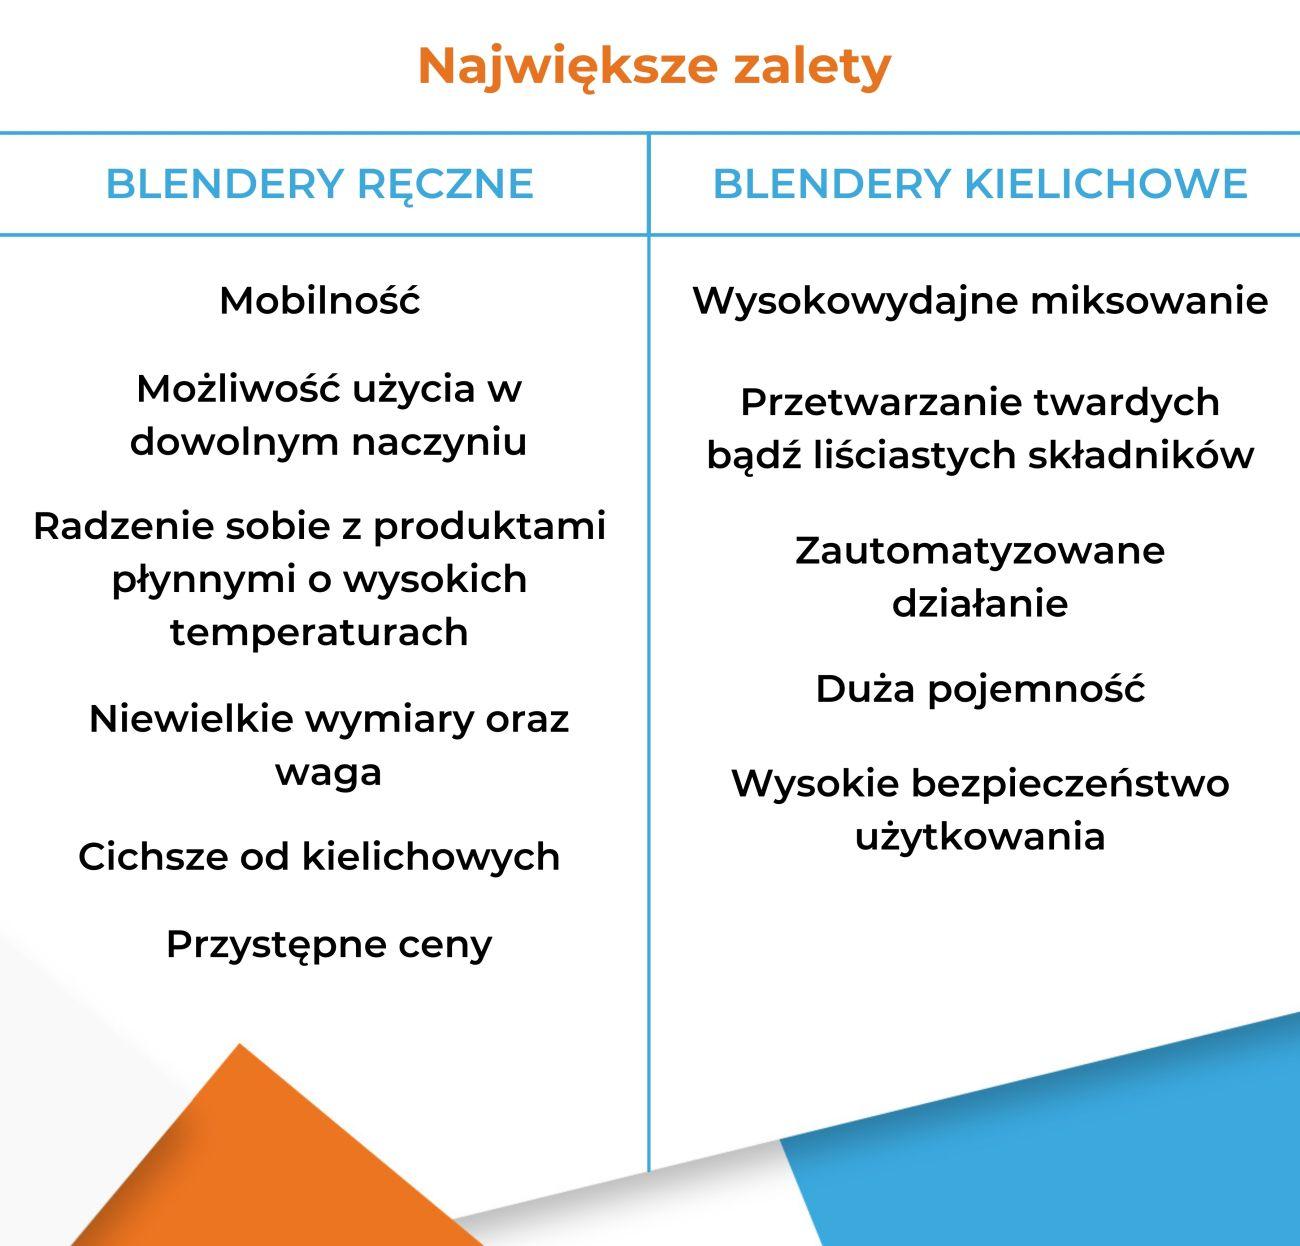 Blender ręczny czy blender kielichowy - Zalety - Infografika